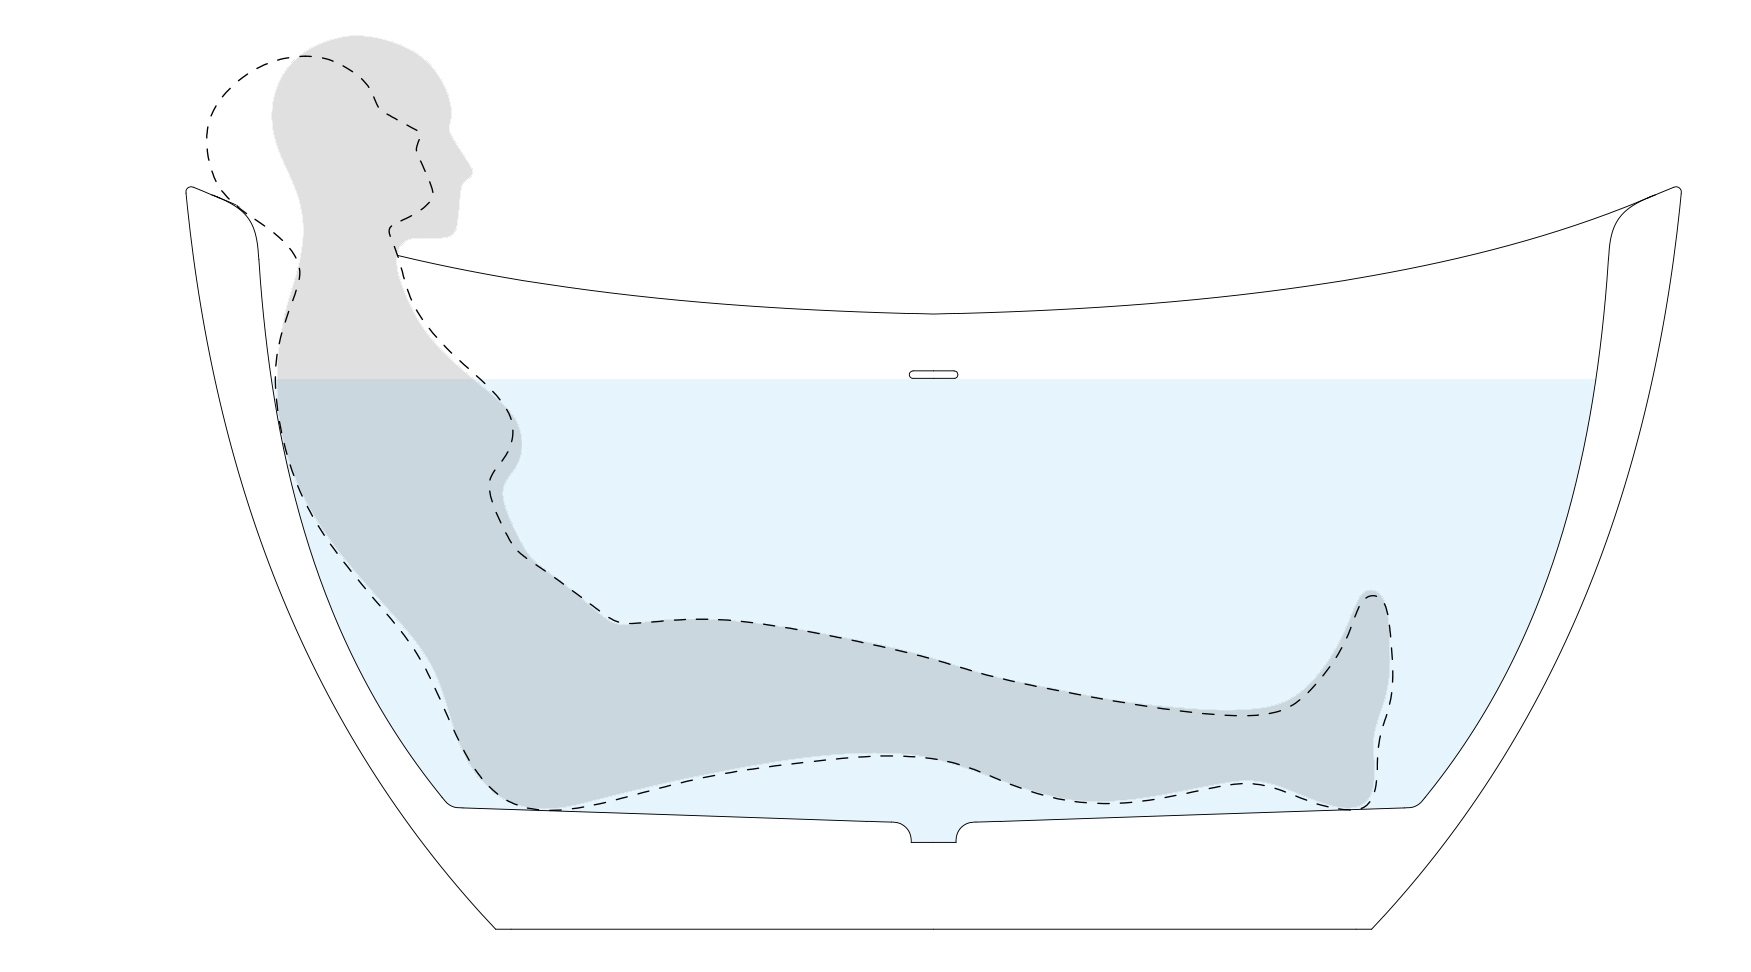 Aquatica purescape 171 mini freestanding solid surface bathtub Ergonomics En